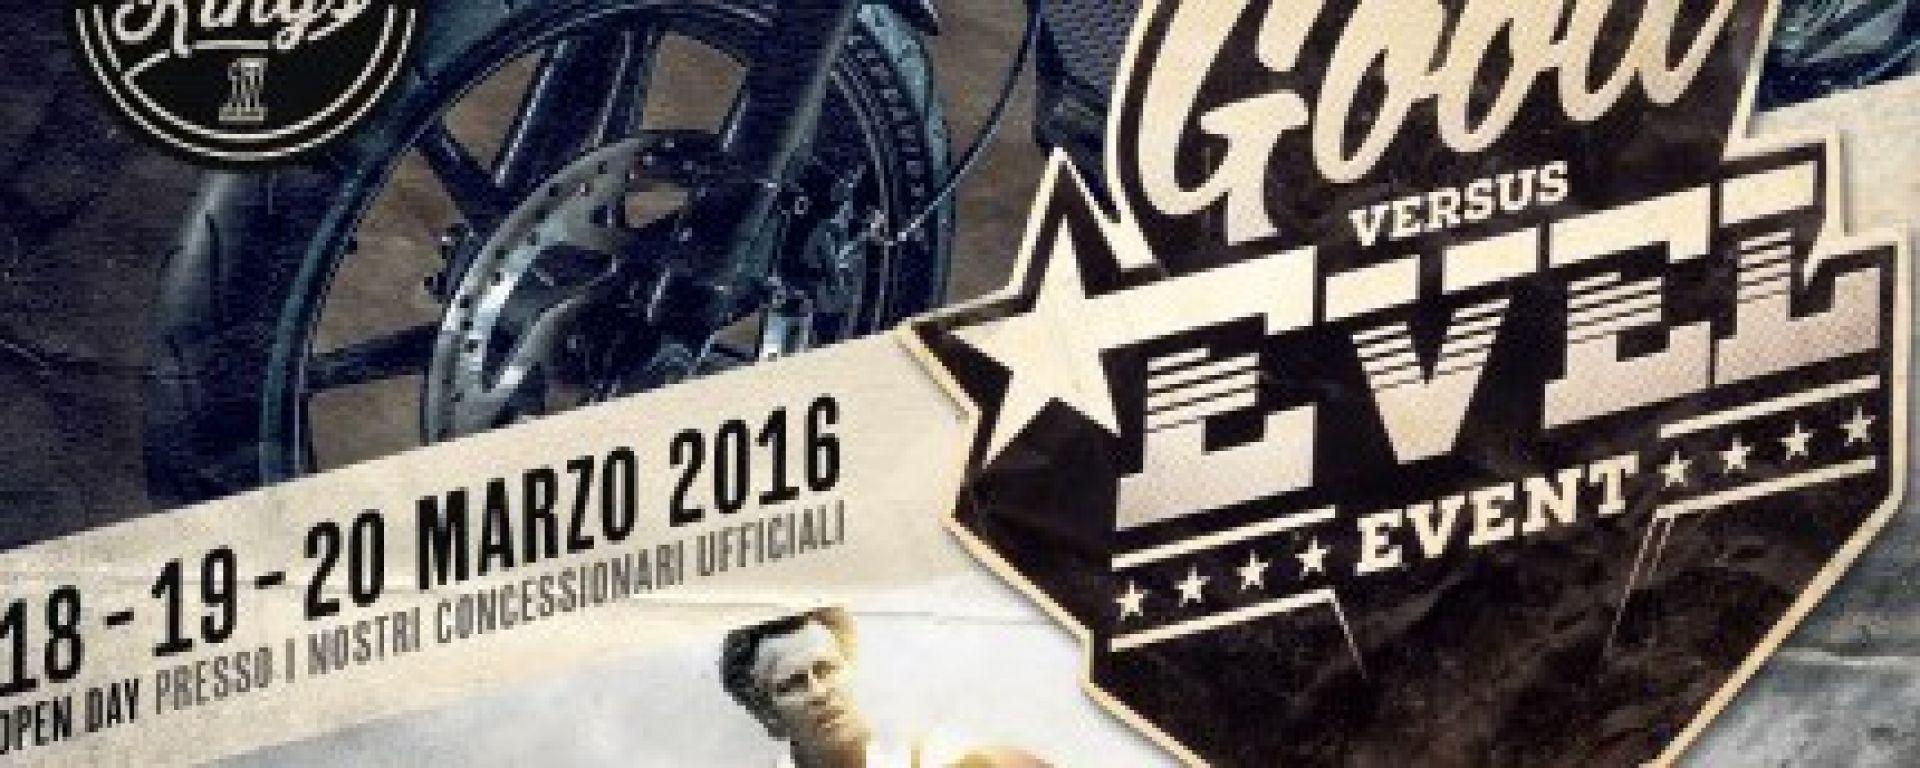 Open Day Harley-Davidson il 19 e 20 marzo